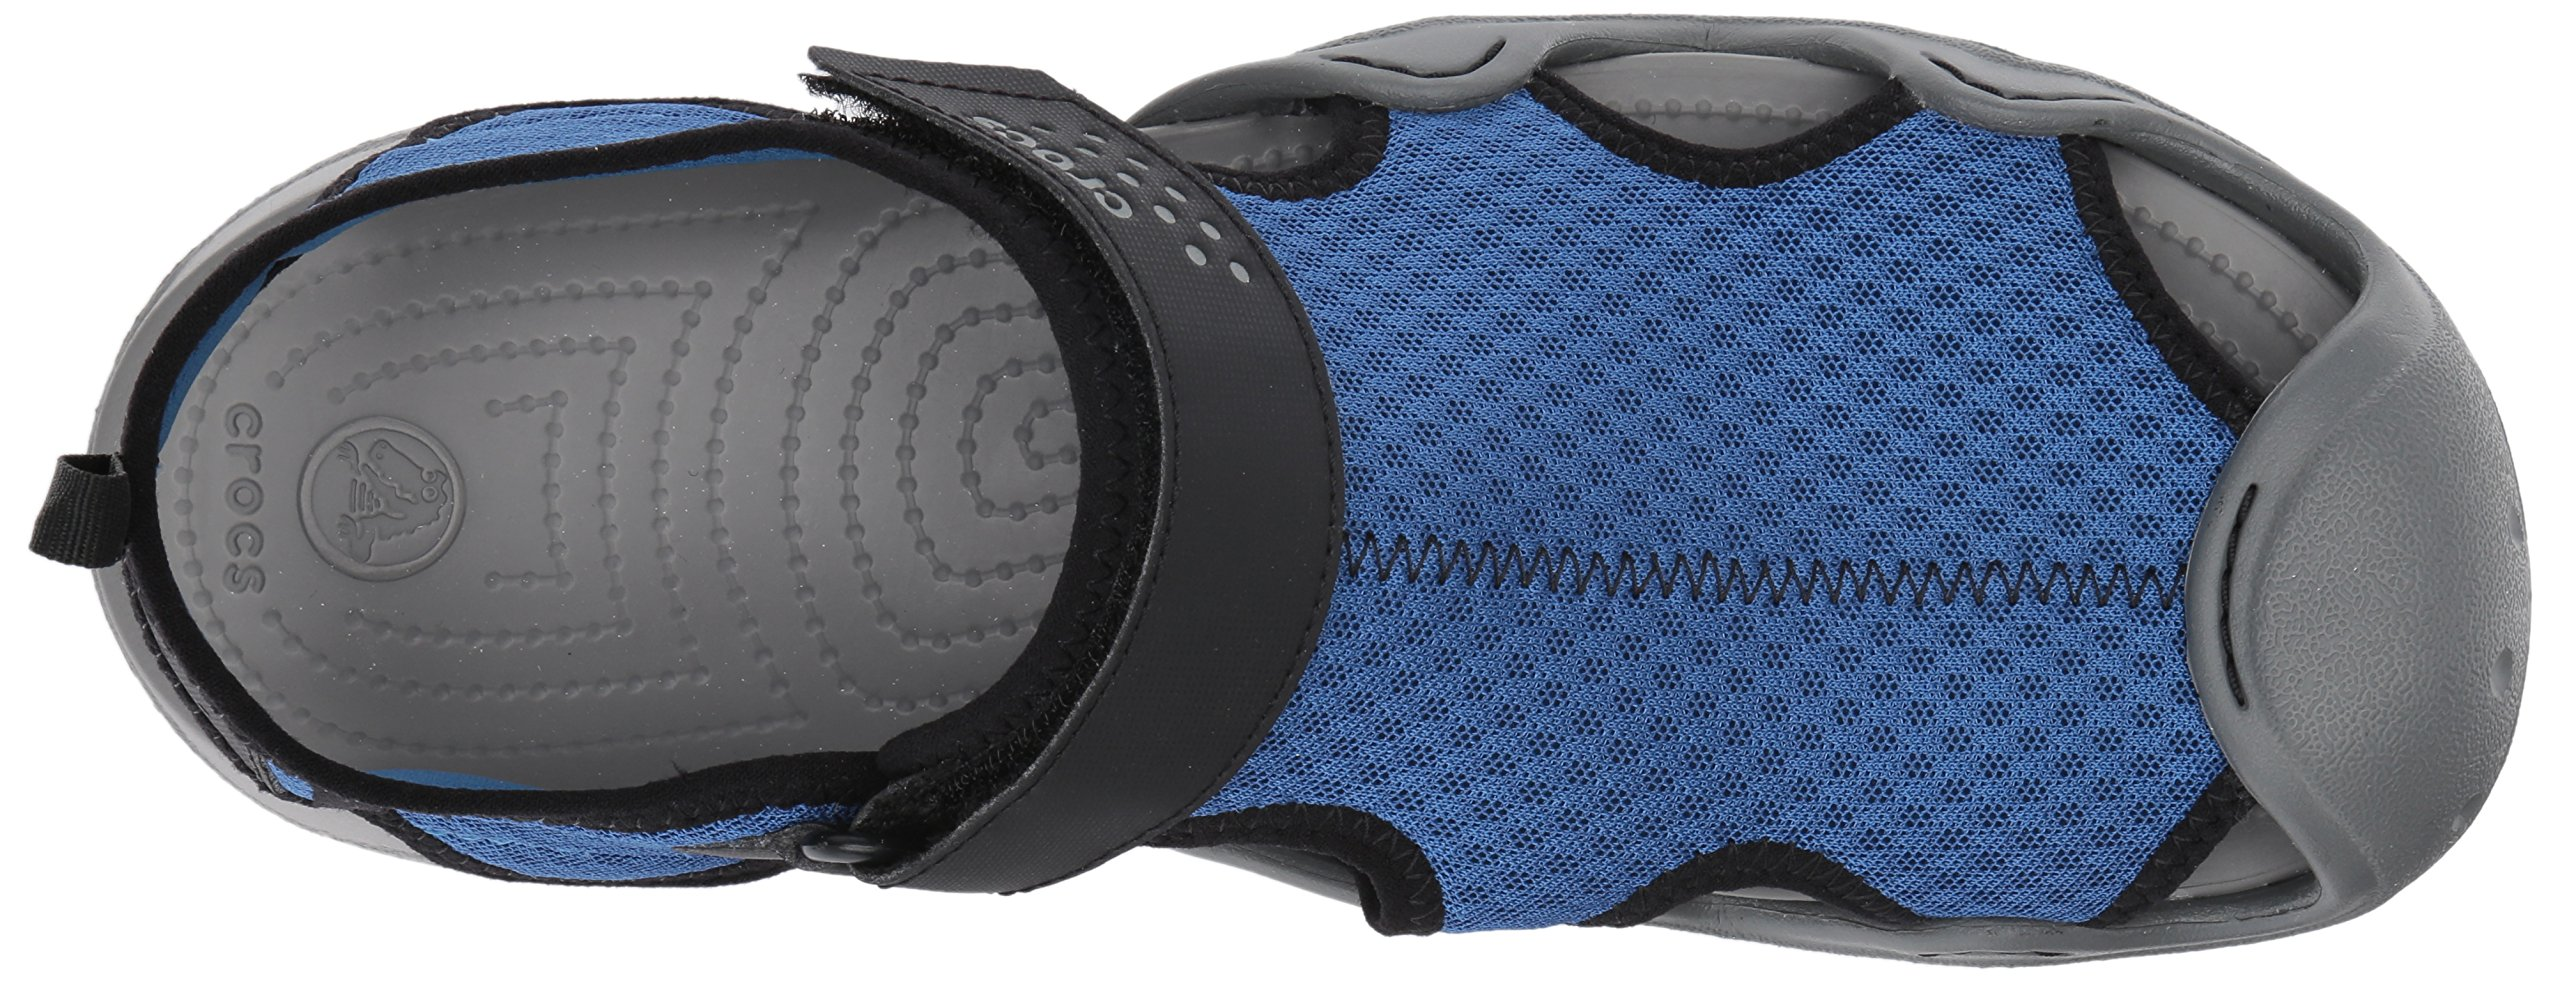 e51d63503e3a Crocs Men s Swiftwater Sandal M